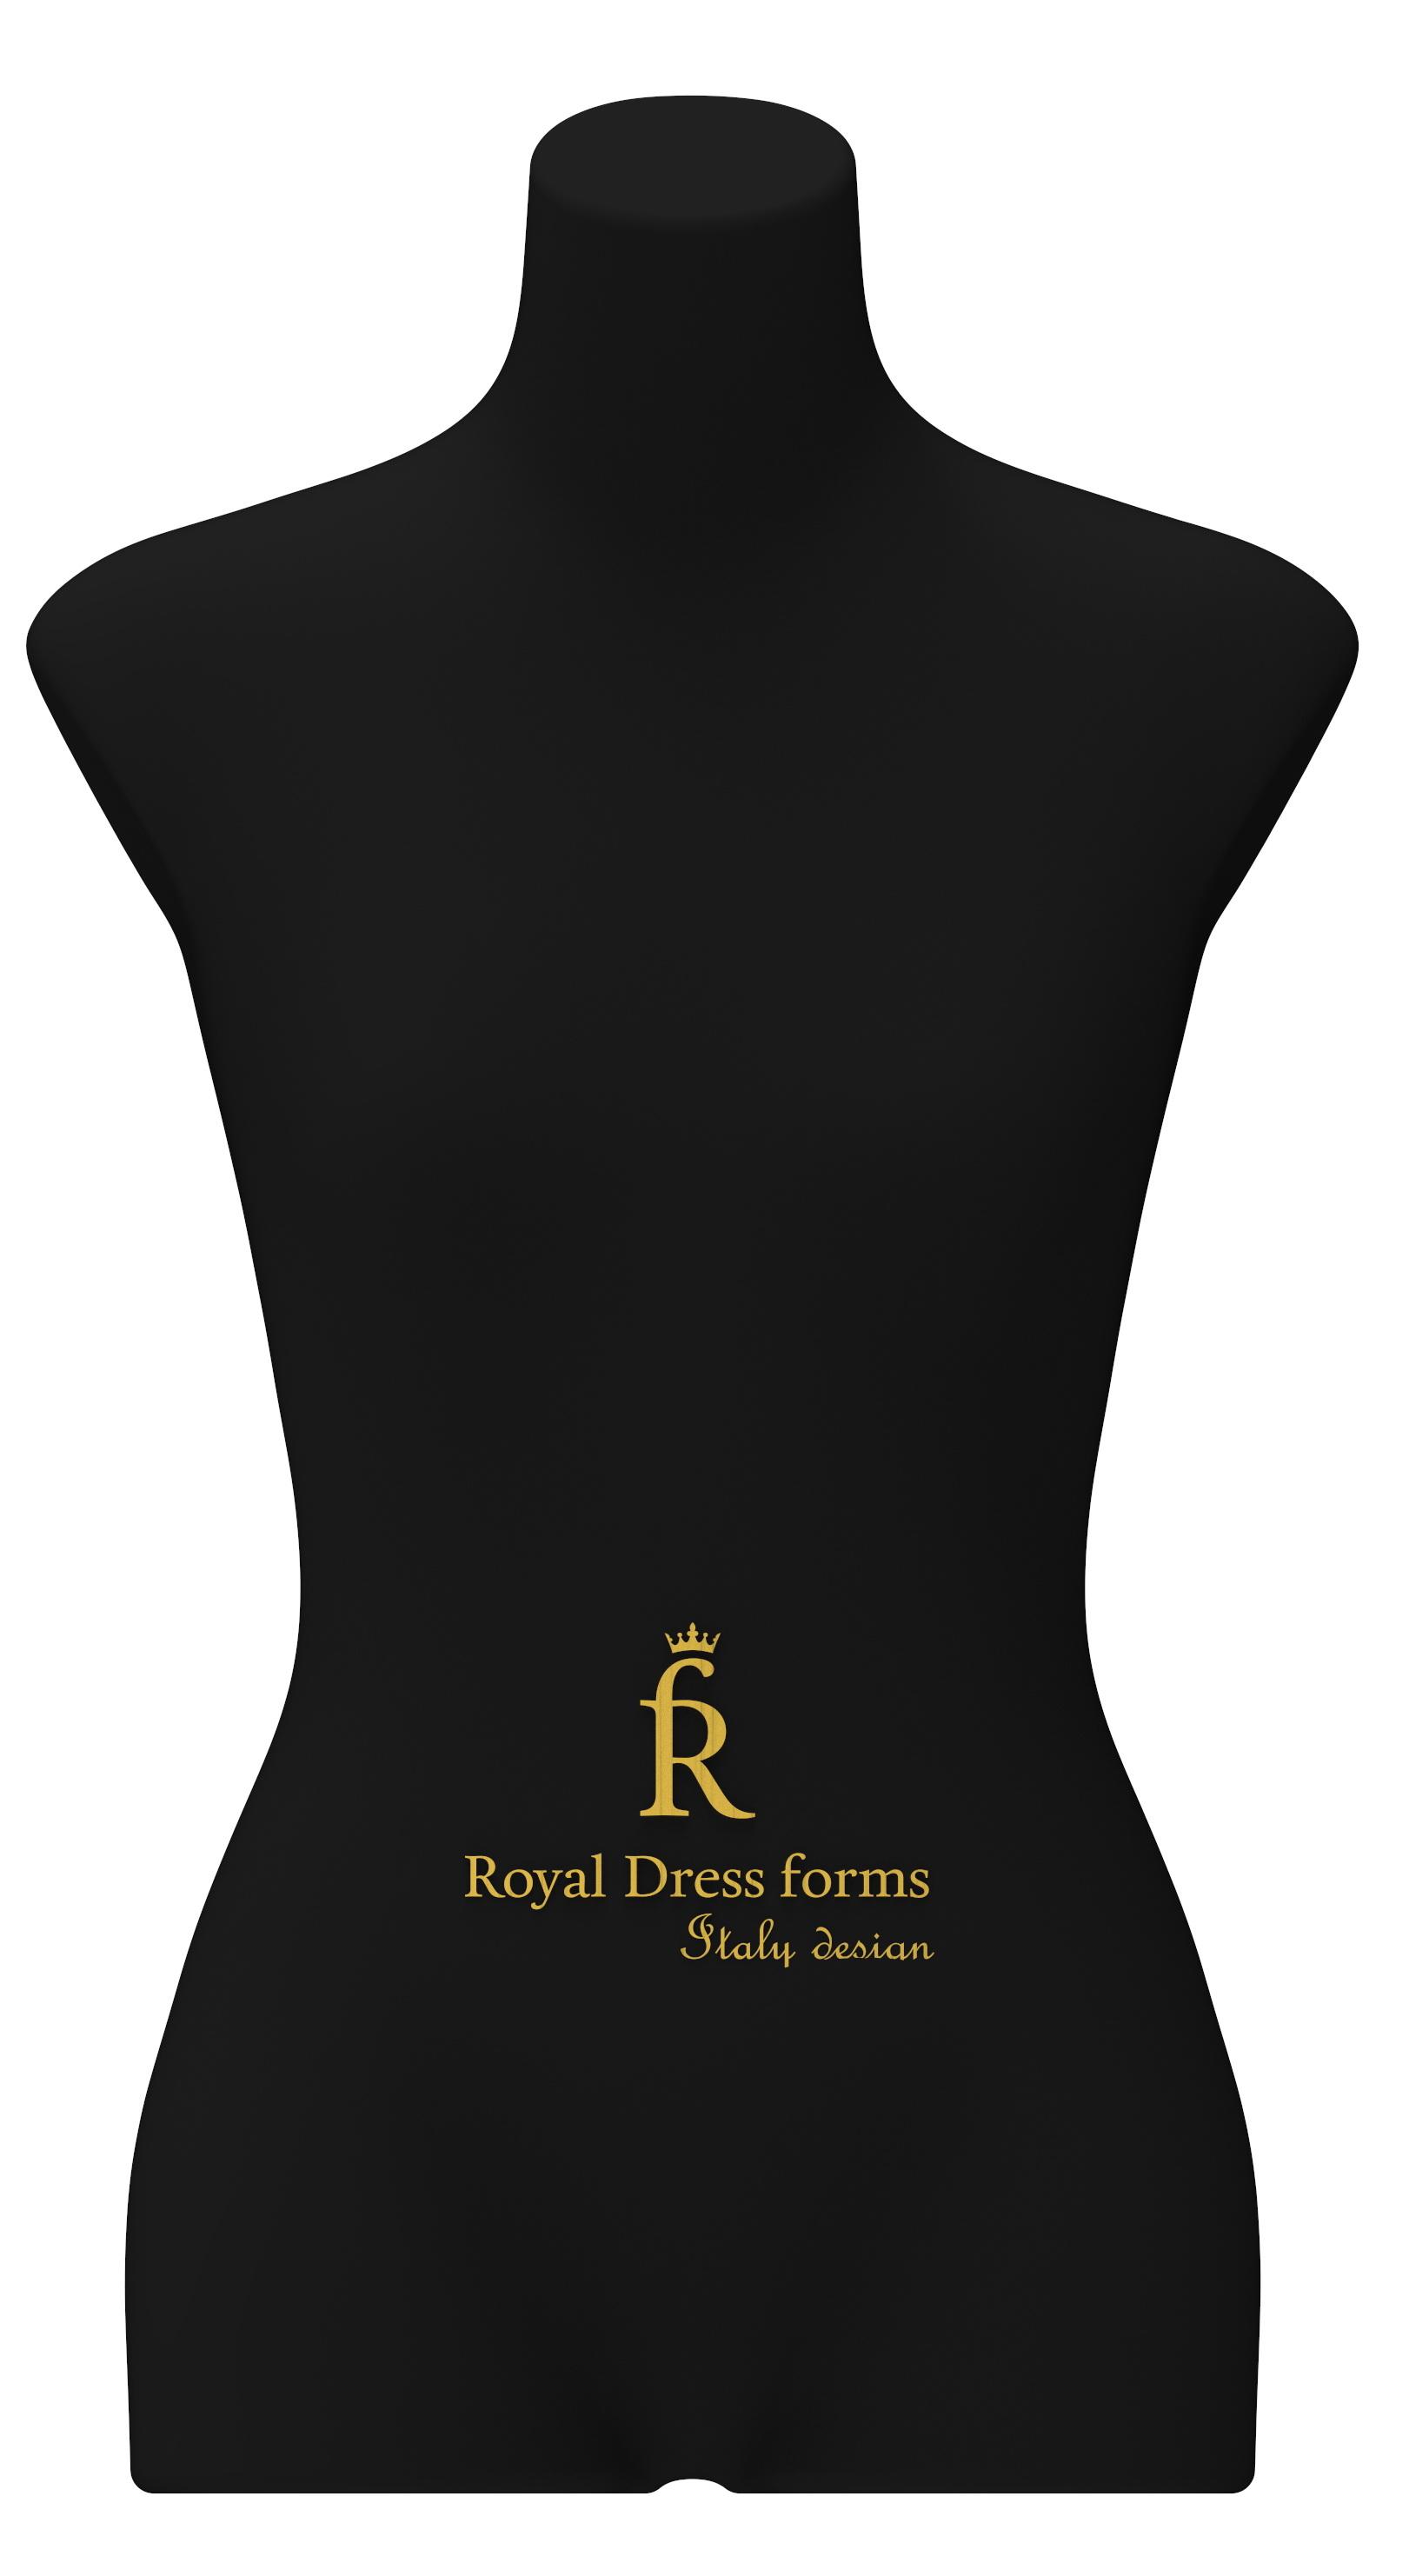 Манекен RDF Christina р. 40 (цв. чёрный)Манекены<br>Манекен Christina 40 размера черный - это профессиональный мягкий портновский манекен. В манекен можно втыкать иголки, булавки под любым углом, на нем можно отпаривать и гладить одежду. Прочен и удобен.<br><br> Подставка не входит в комплект манекена.<br>